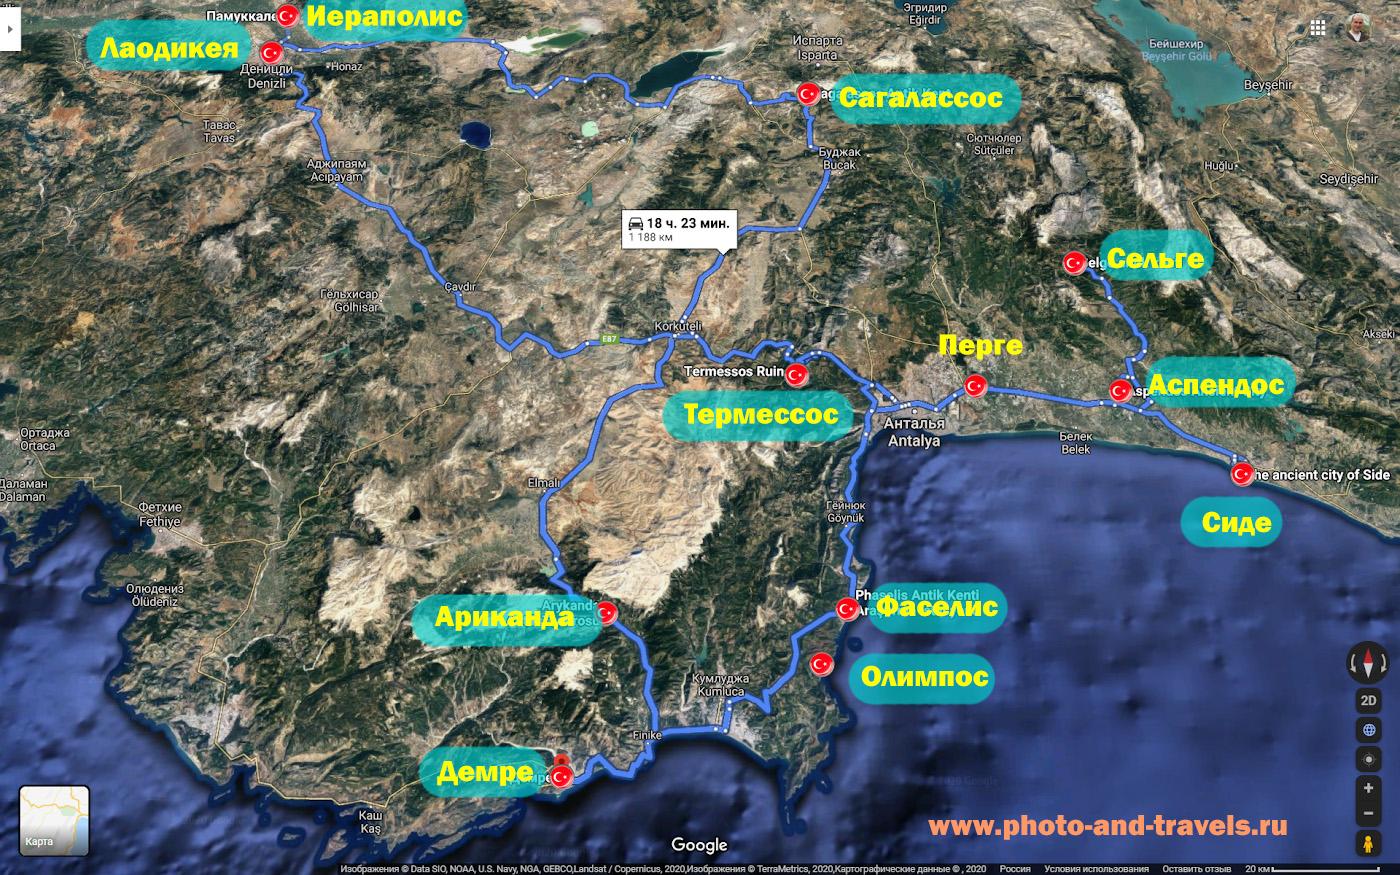 19. Карта расположения античных городов, куда можно съездить из Анталии на машине на экскурсию.